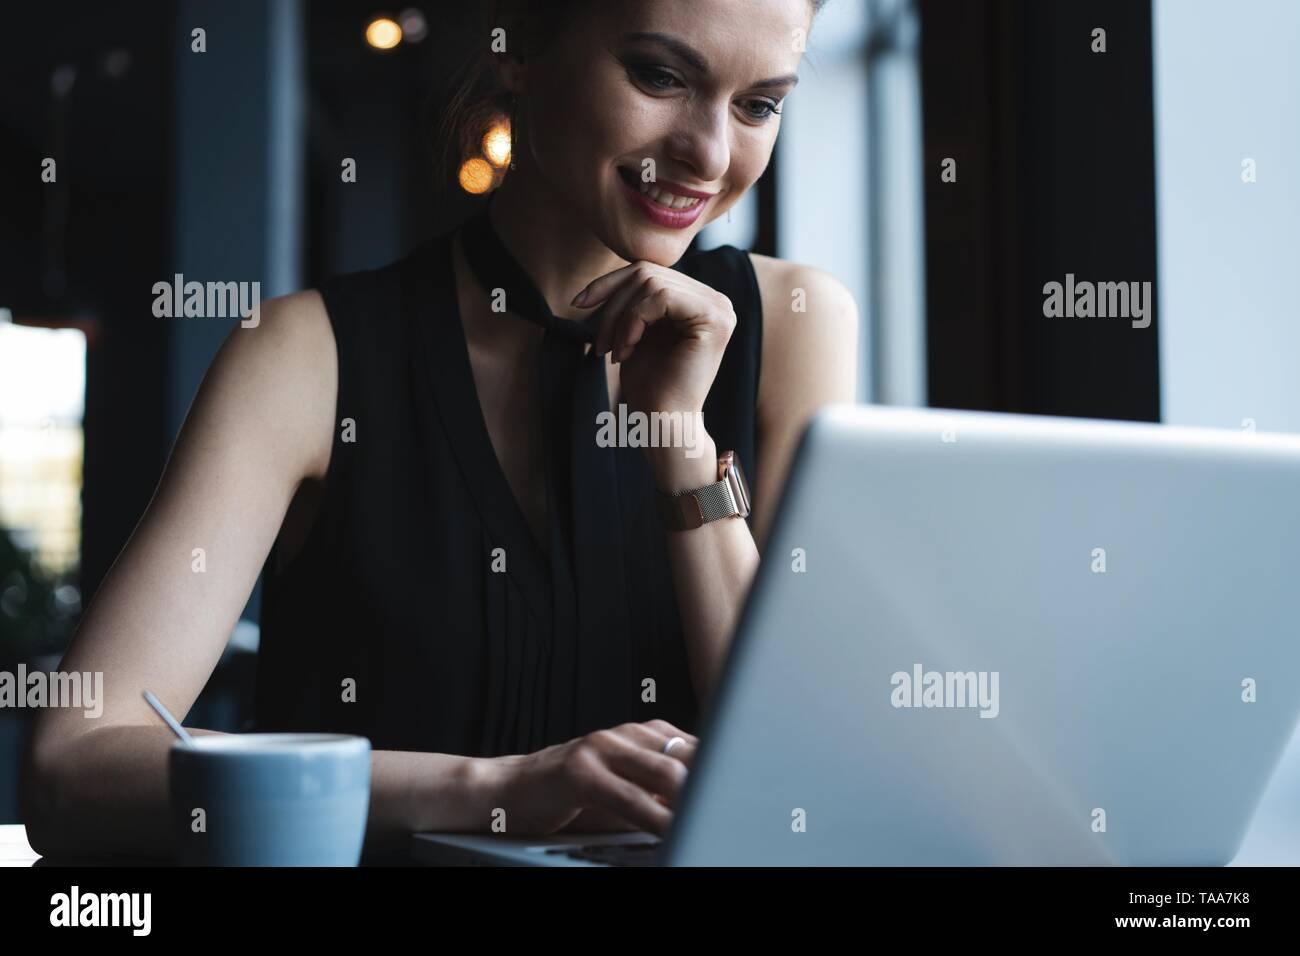 Bei der Arbeit konzentriert. Selbstbewussten jungen Frau in Smart Casual Wear Arbeiten am Laptop, während in der Nähe der Fenster in kreative Büro oder Cafe sitzen. Stockfoto